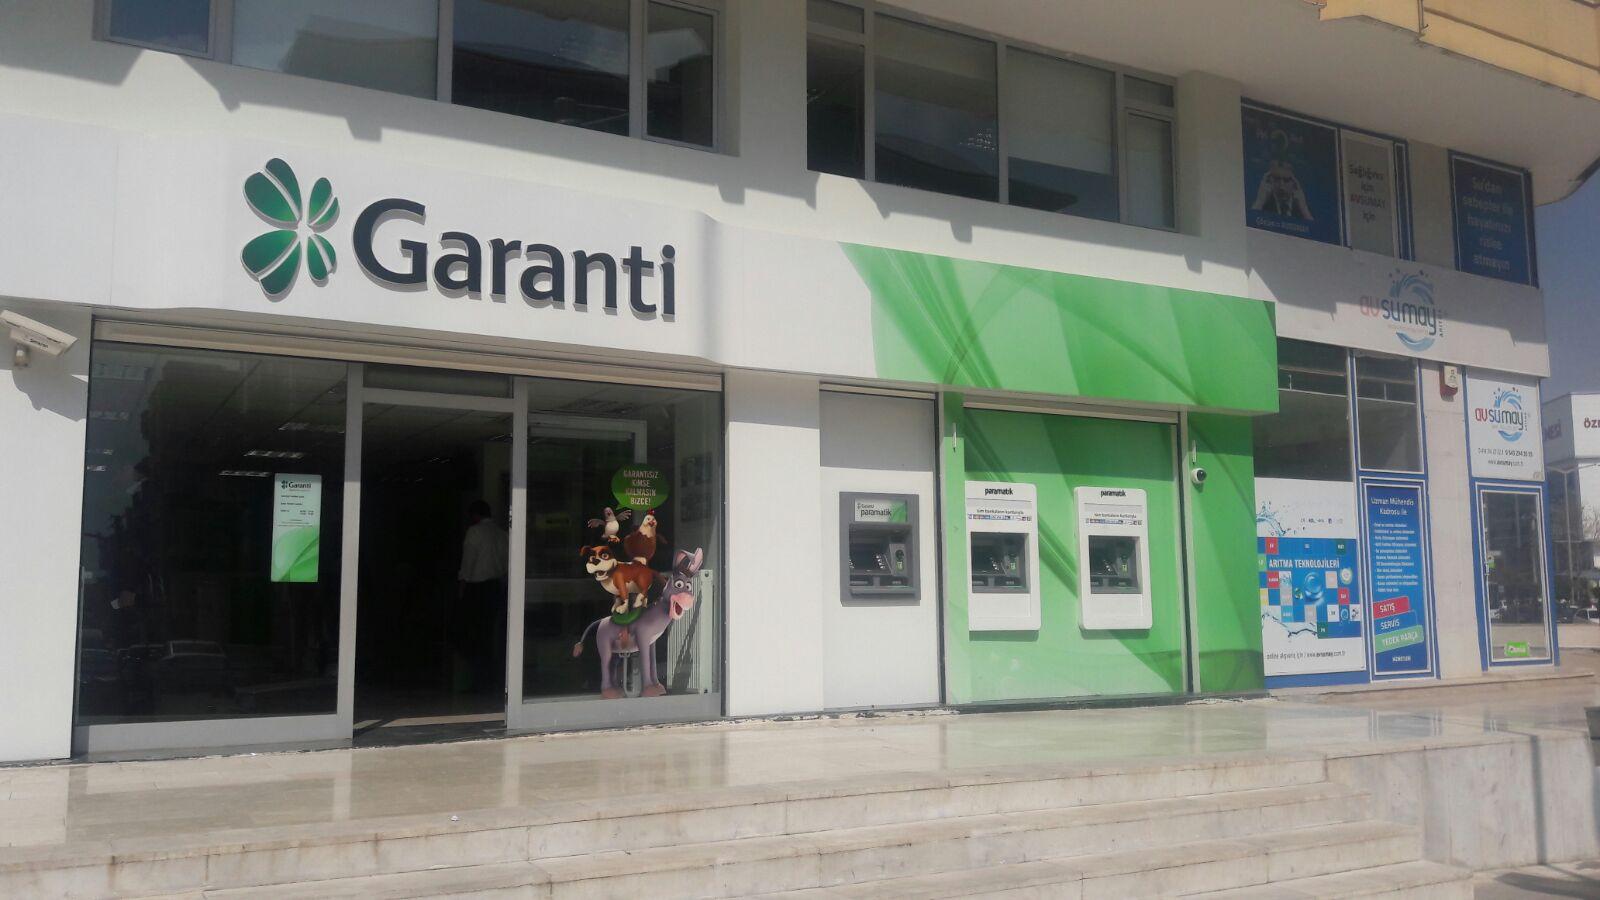 garanti-internetle-doviz-transfer-islemlerinde-turkiyede-bir-ilk